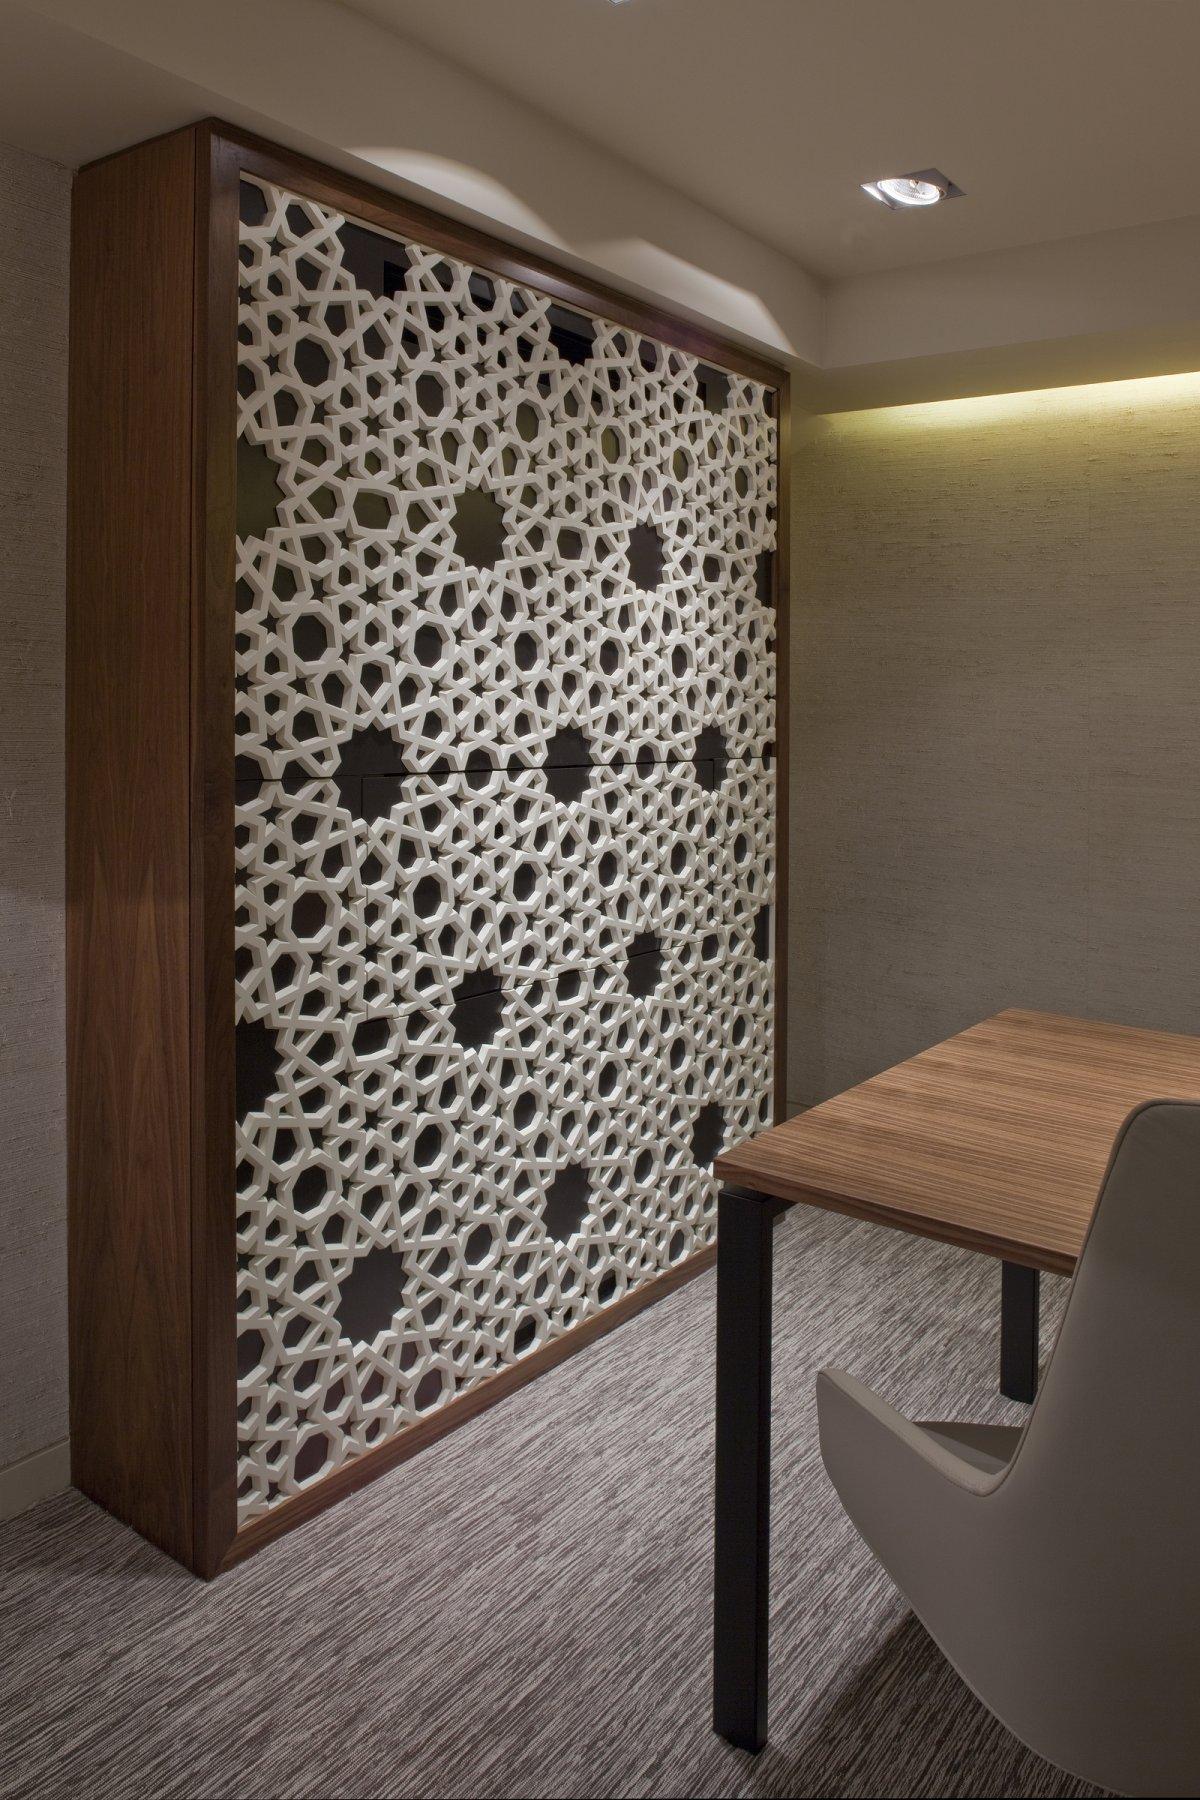 3d Fall Ceiling Wallpaper Rizon Jet Lounge By Shh Karmatrendz